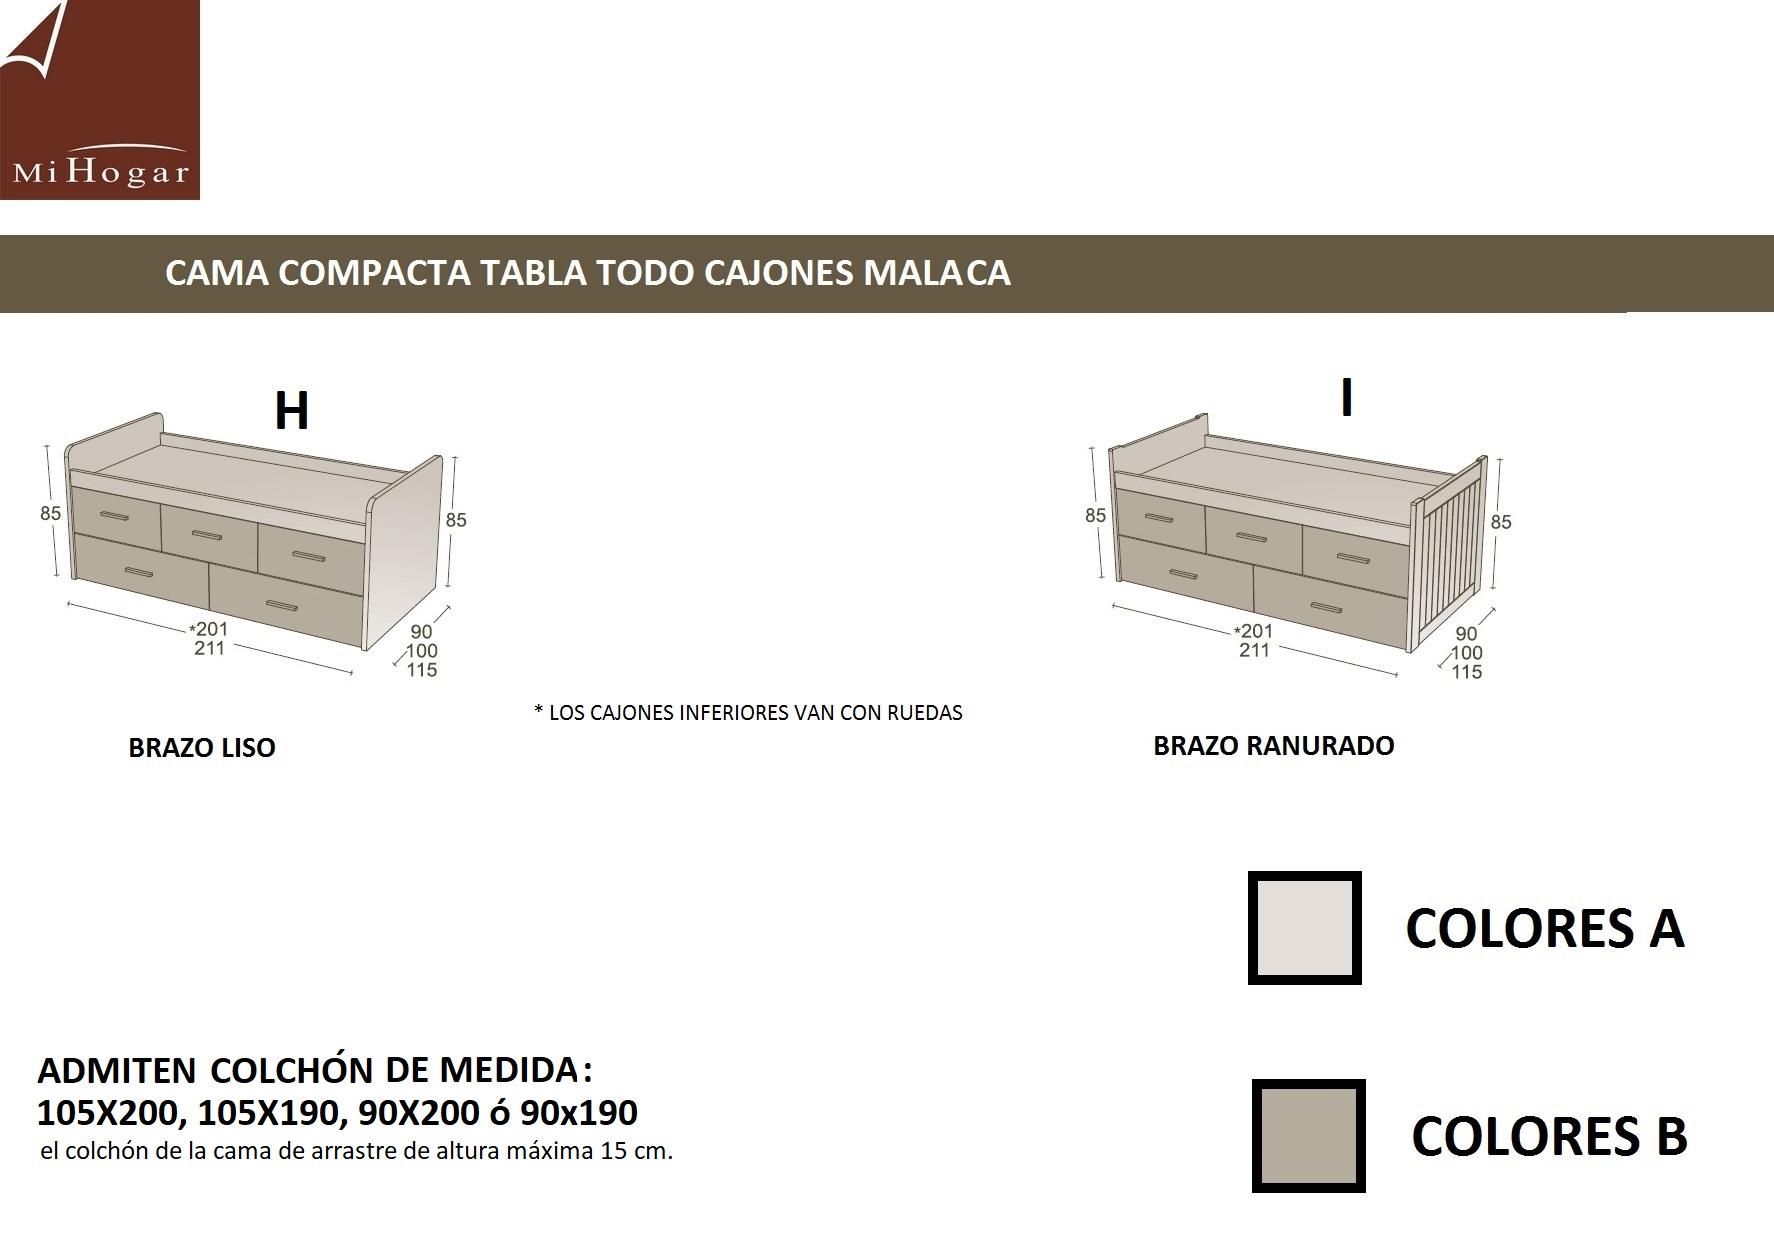 CAMA COMPACTO TABLA LACADA MALACA   MUEBLES MI HOGAR